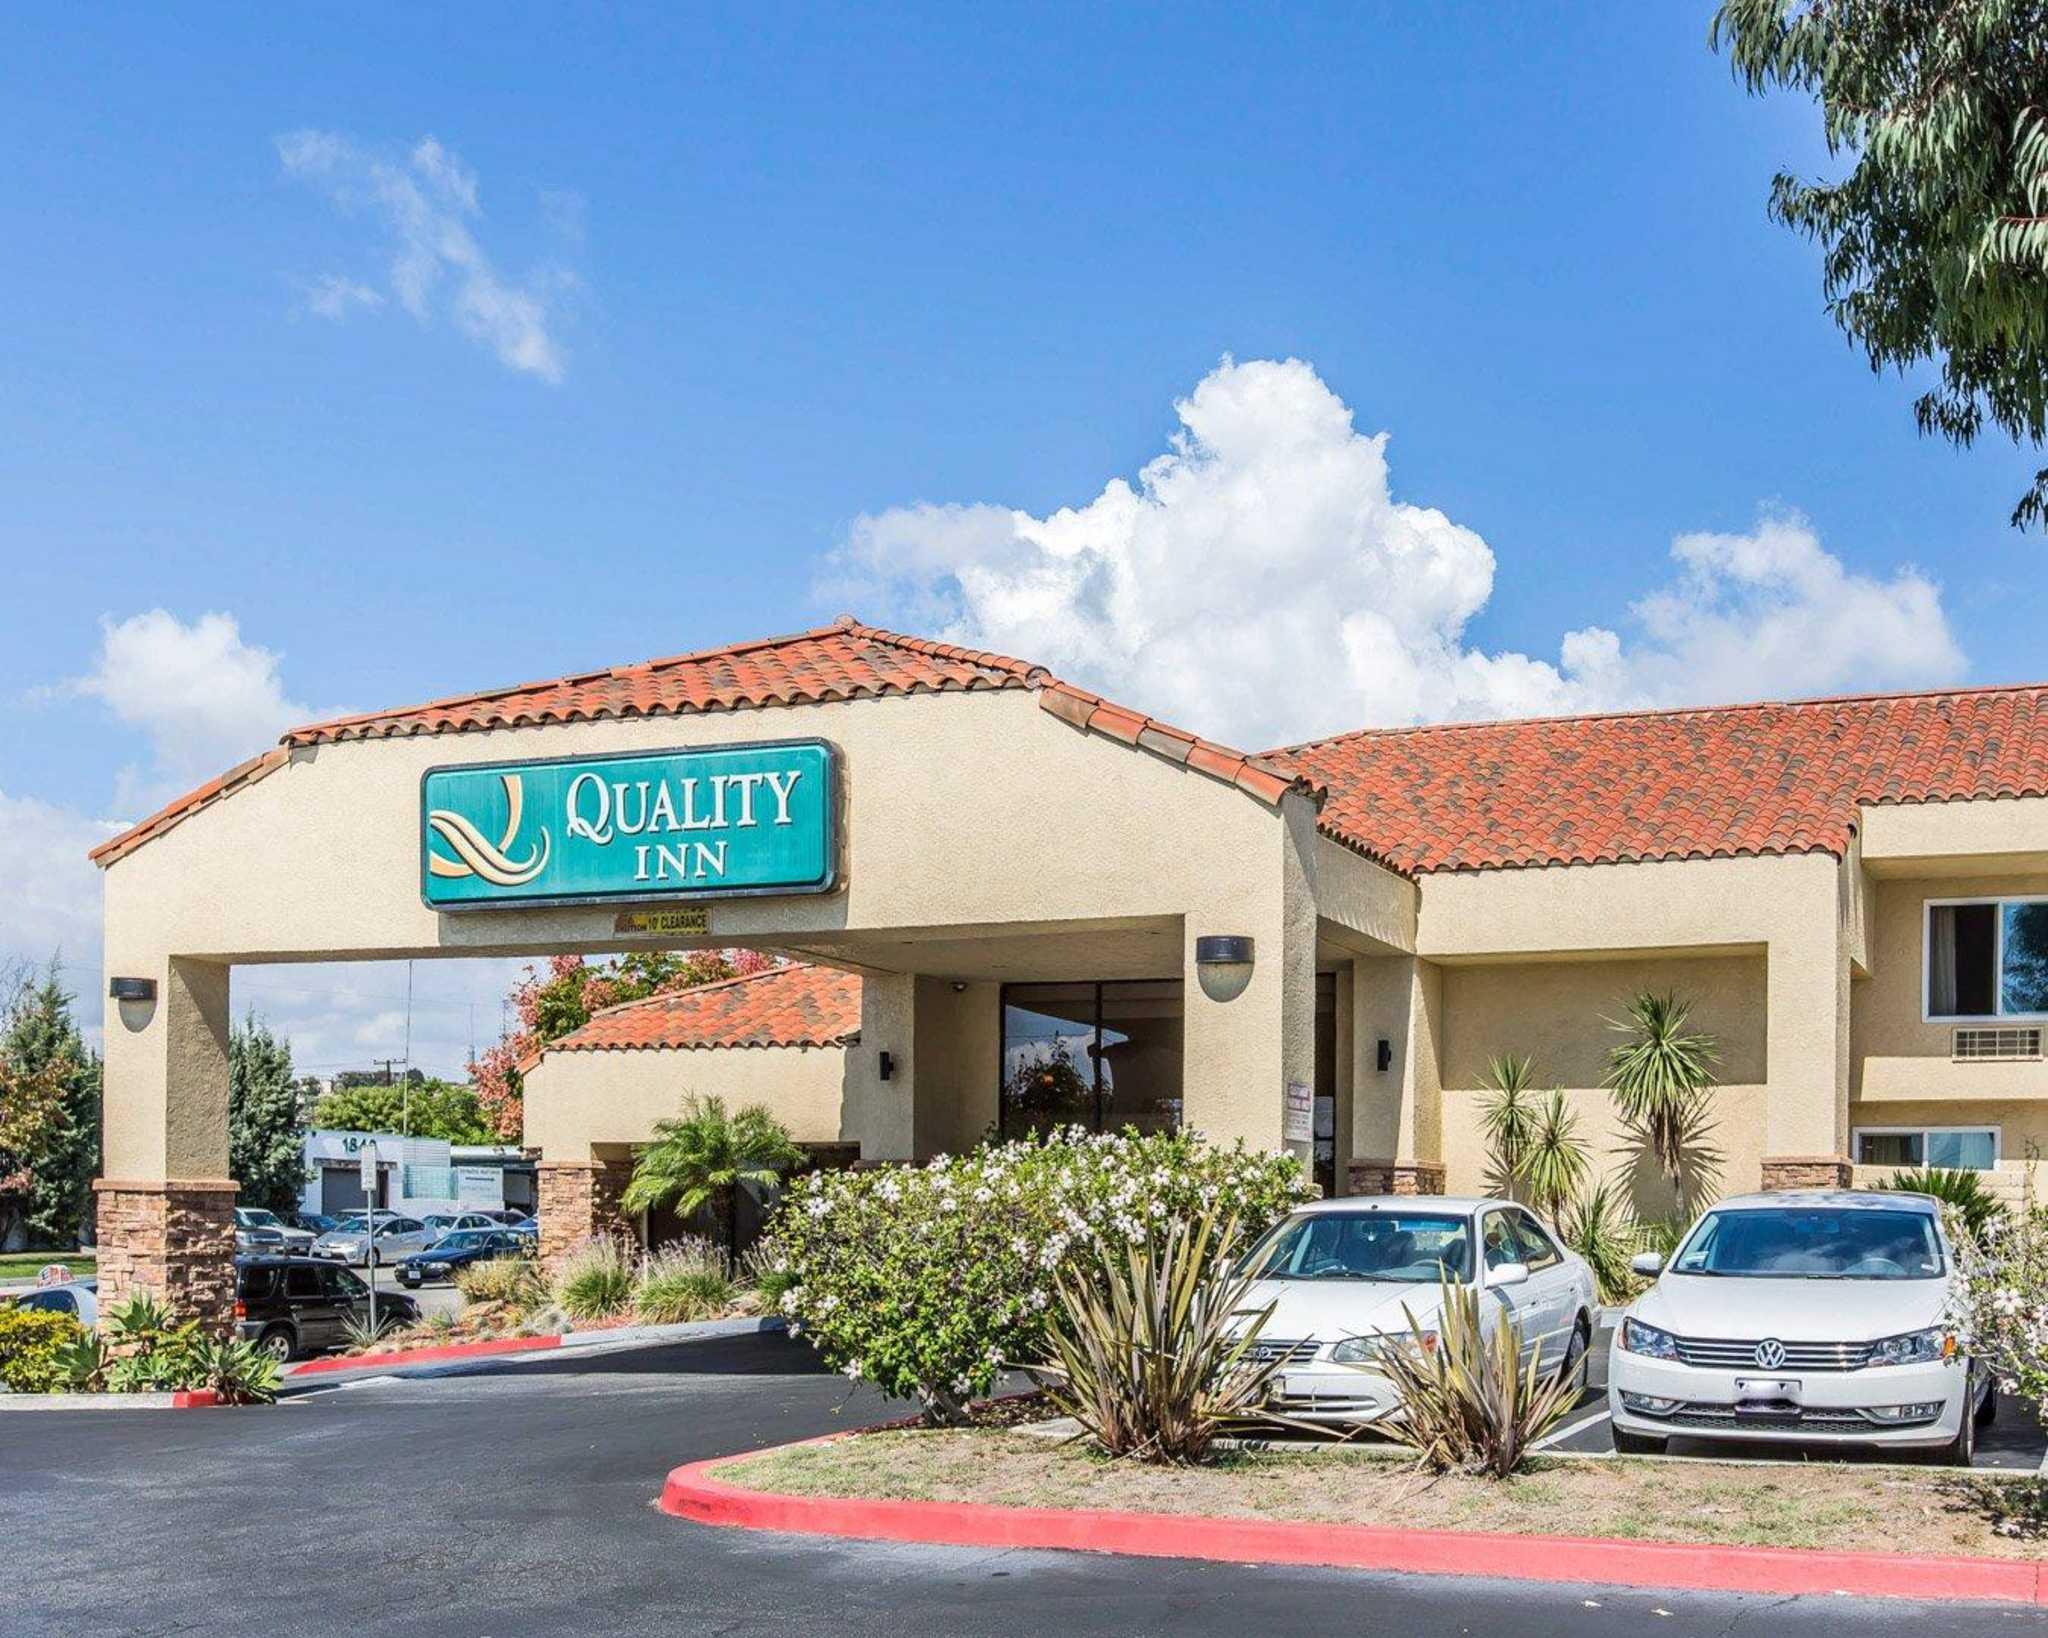 Quality Inn Long Beach Airport image 0